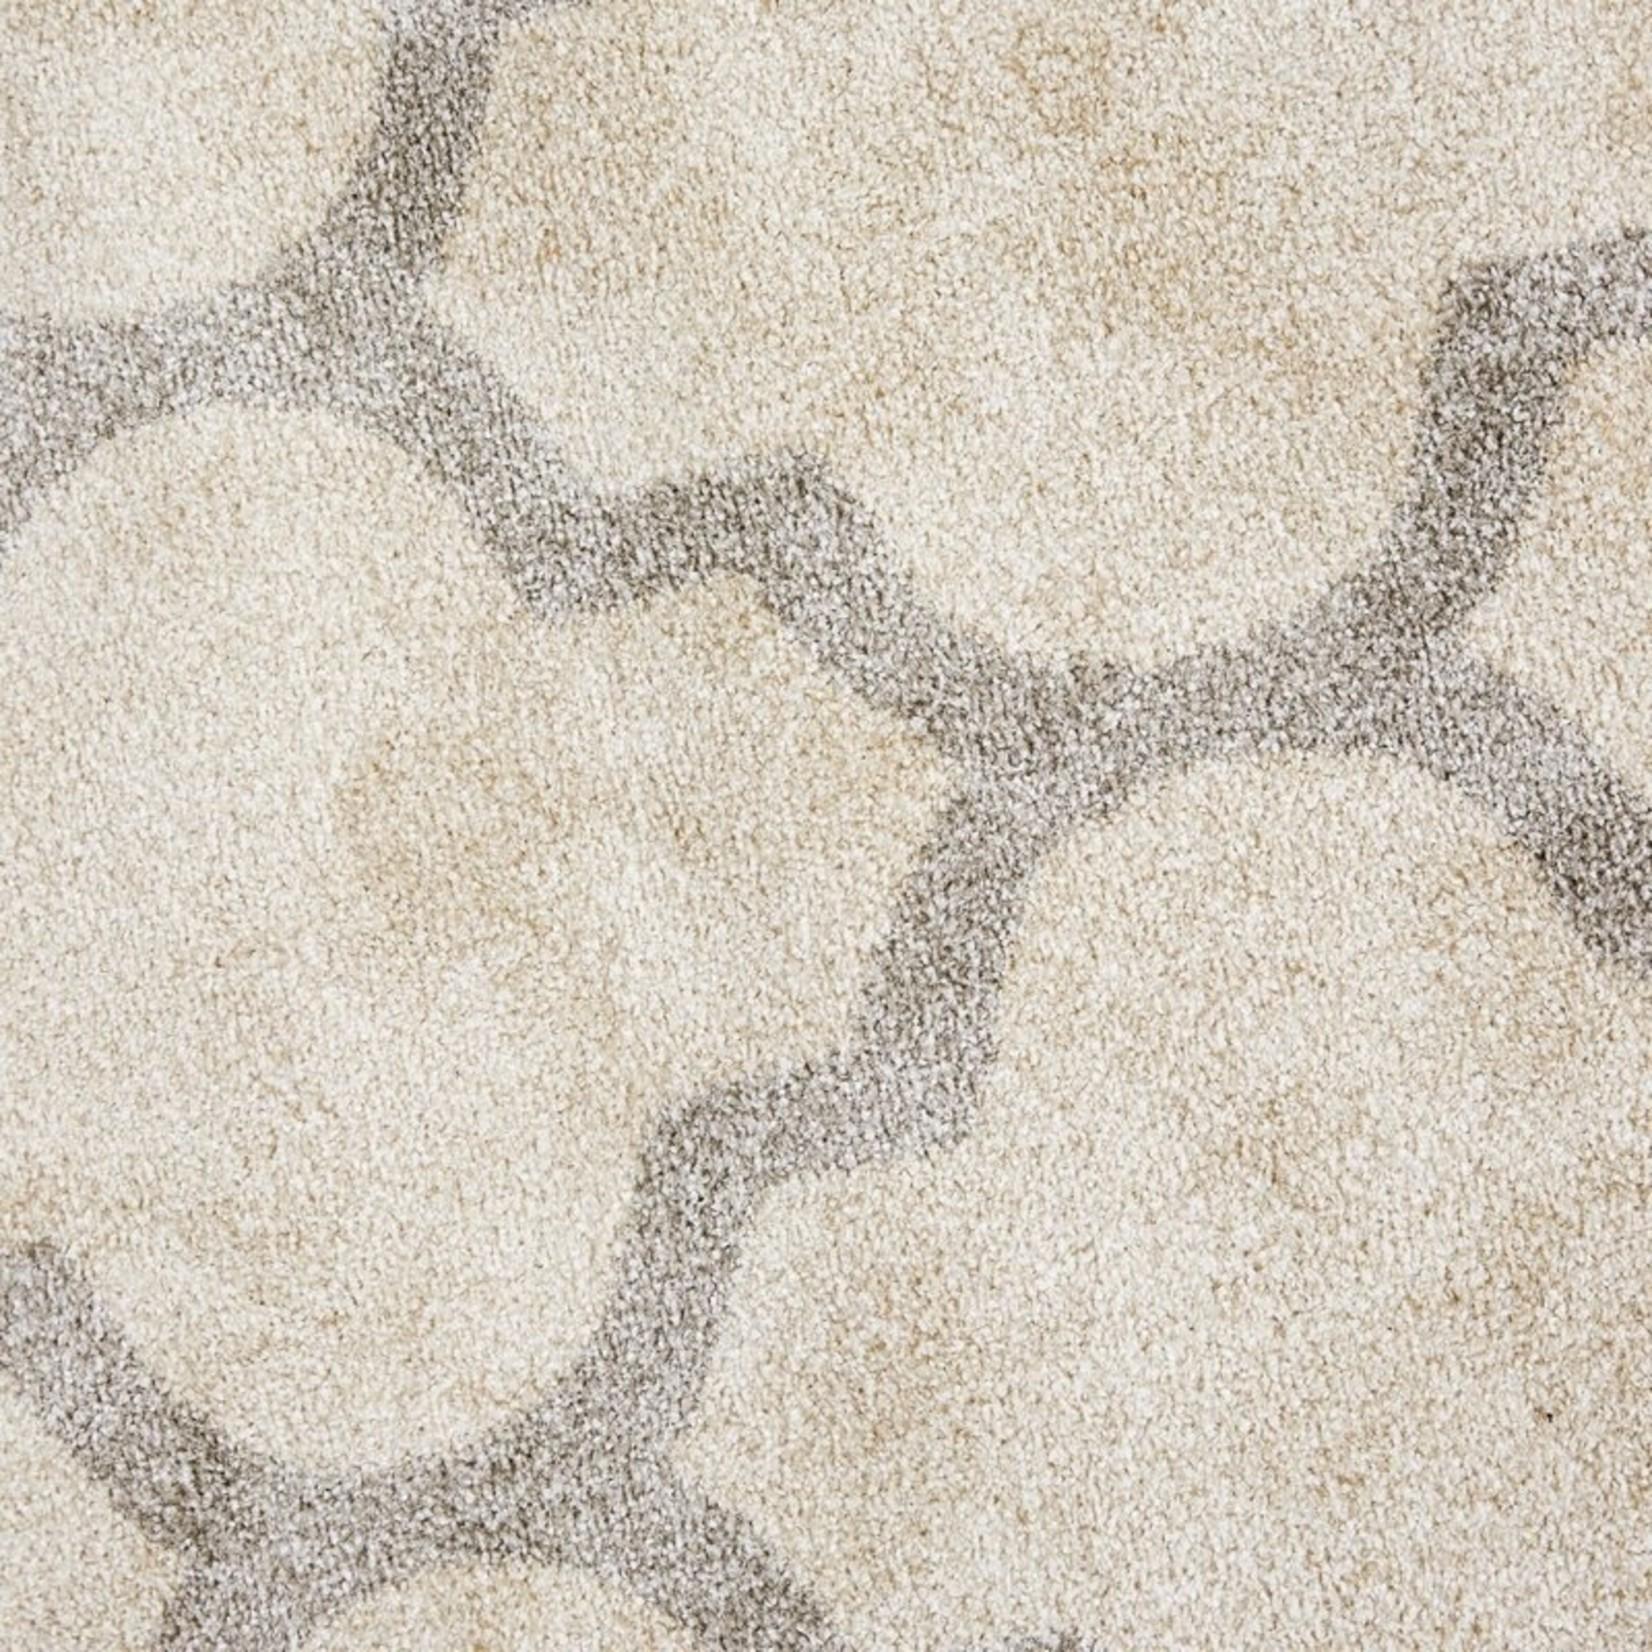 *2'3 x 7' - Dombrowski Geometric Dark Grey/Beige Area Rug